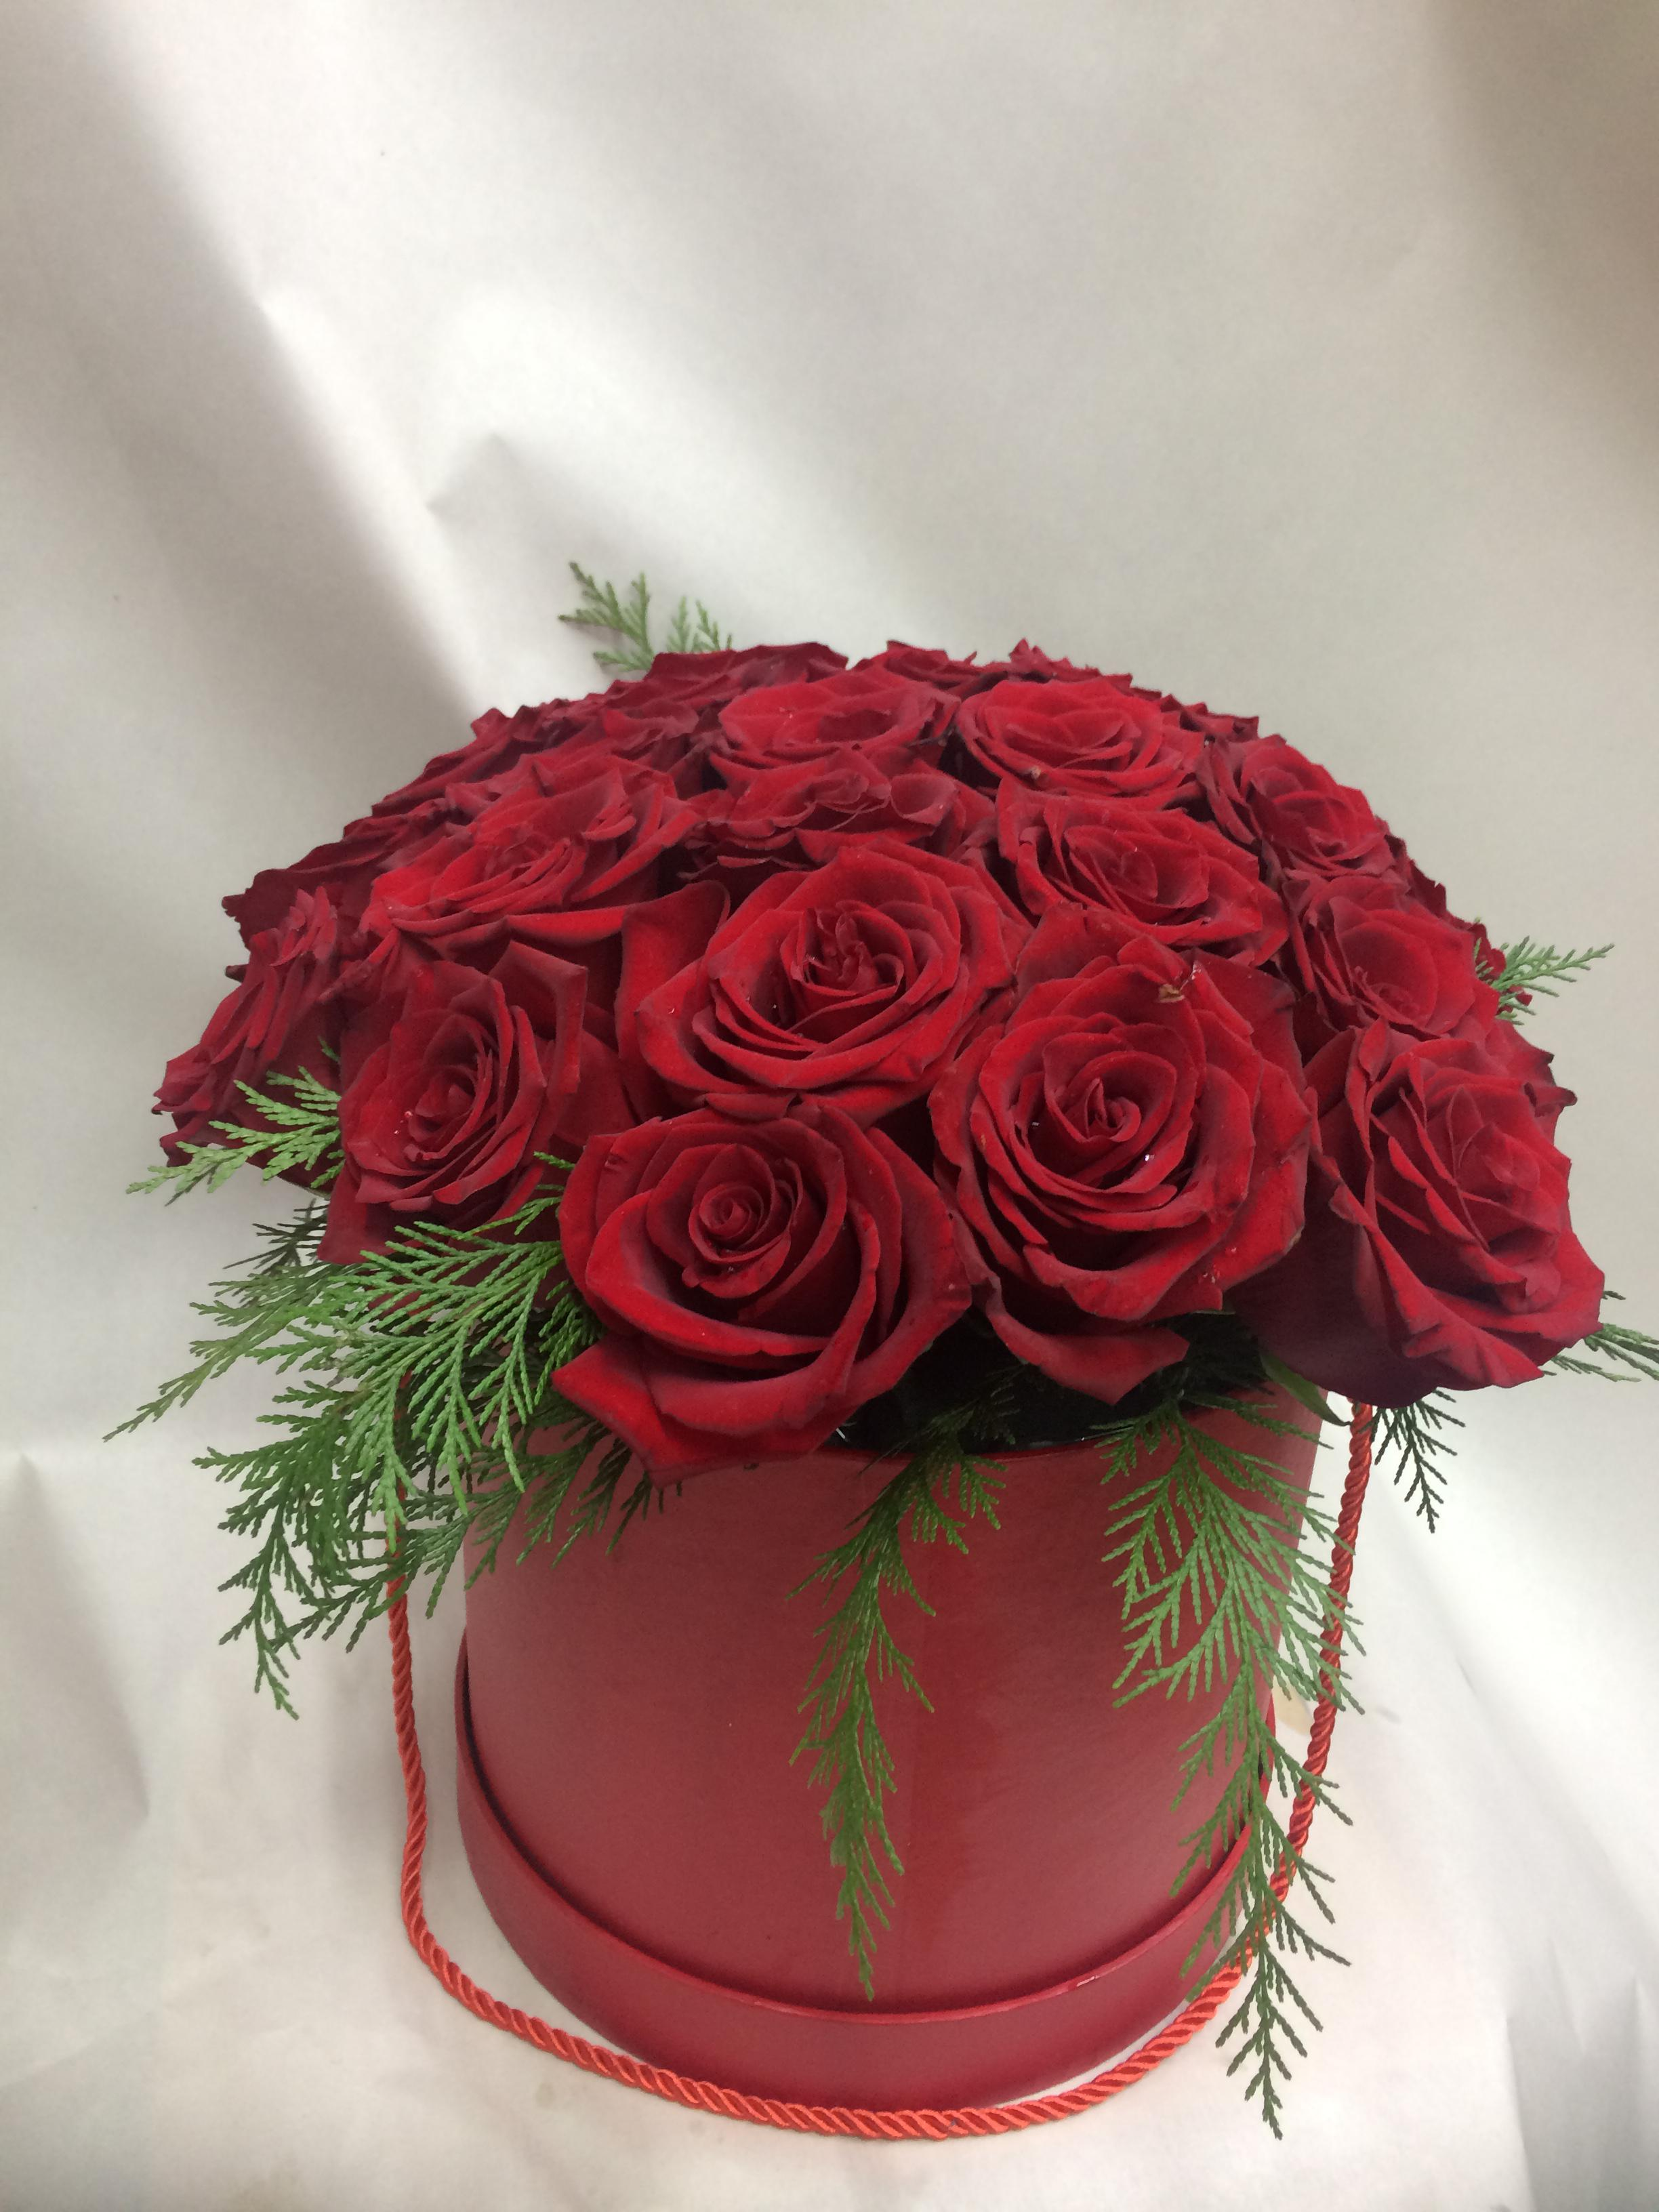 Оформление букетов в челябинске, цветы стерлитамаке